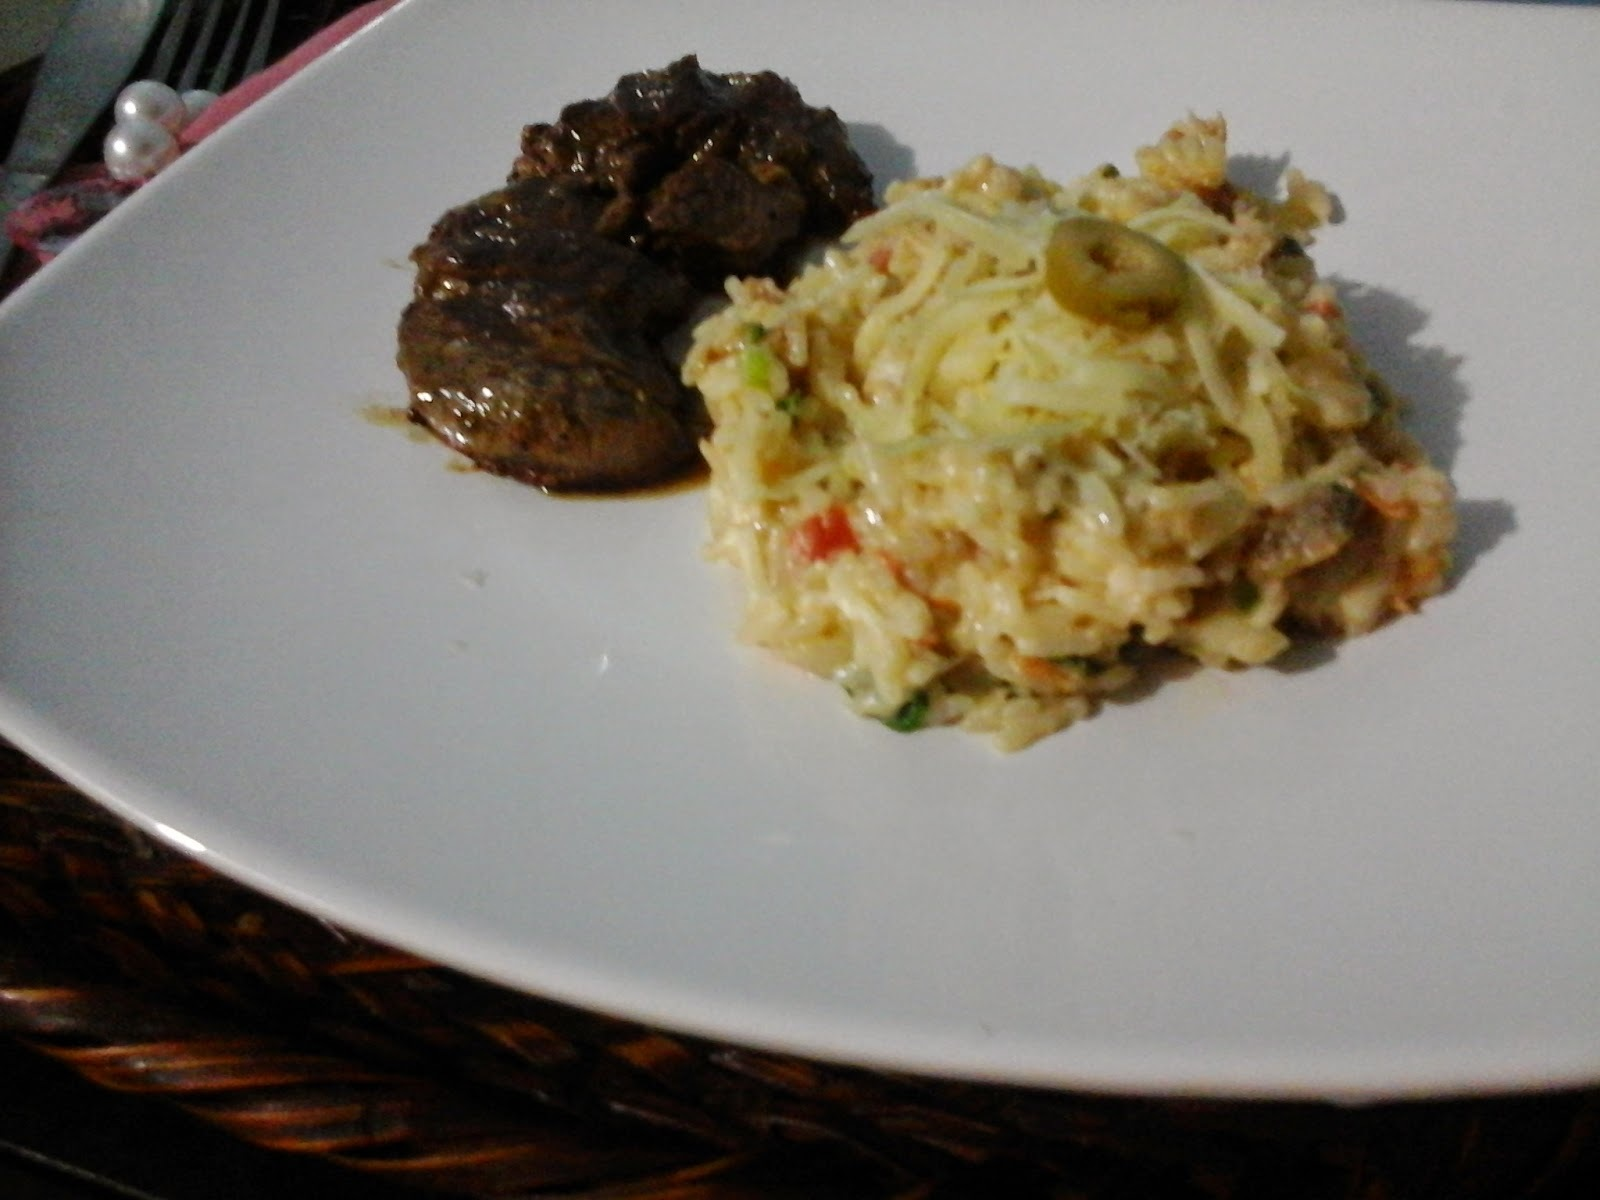 arroz cremoso com maionese